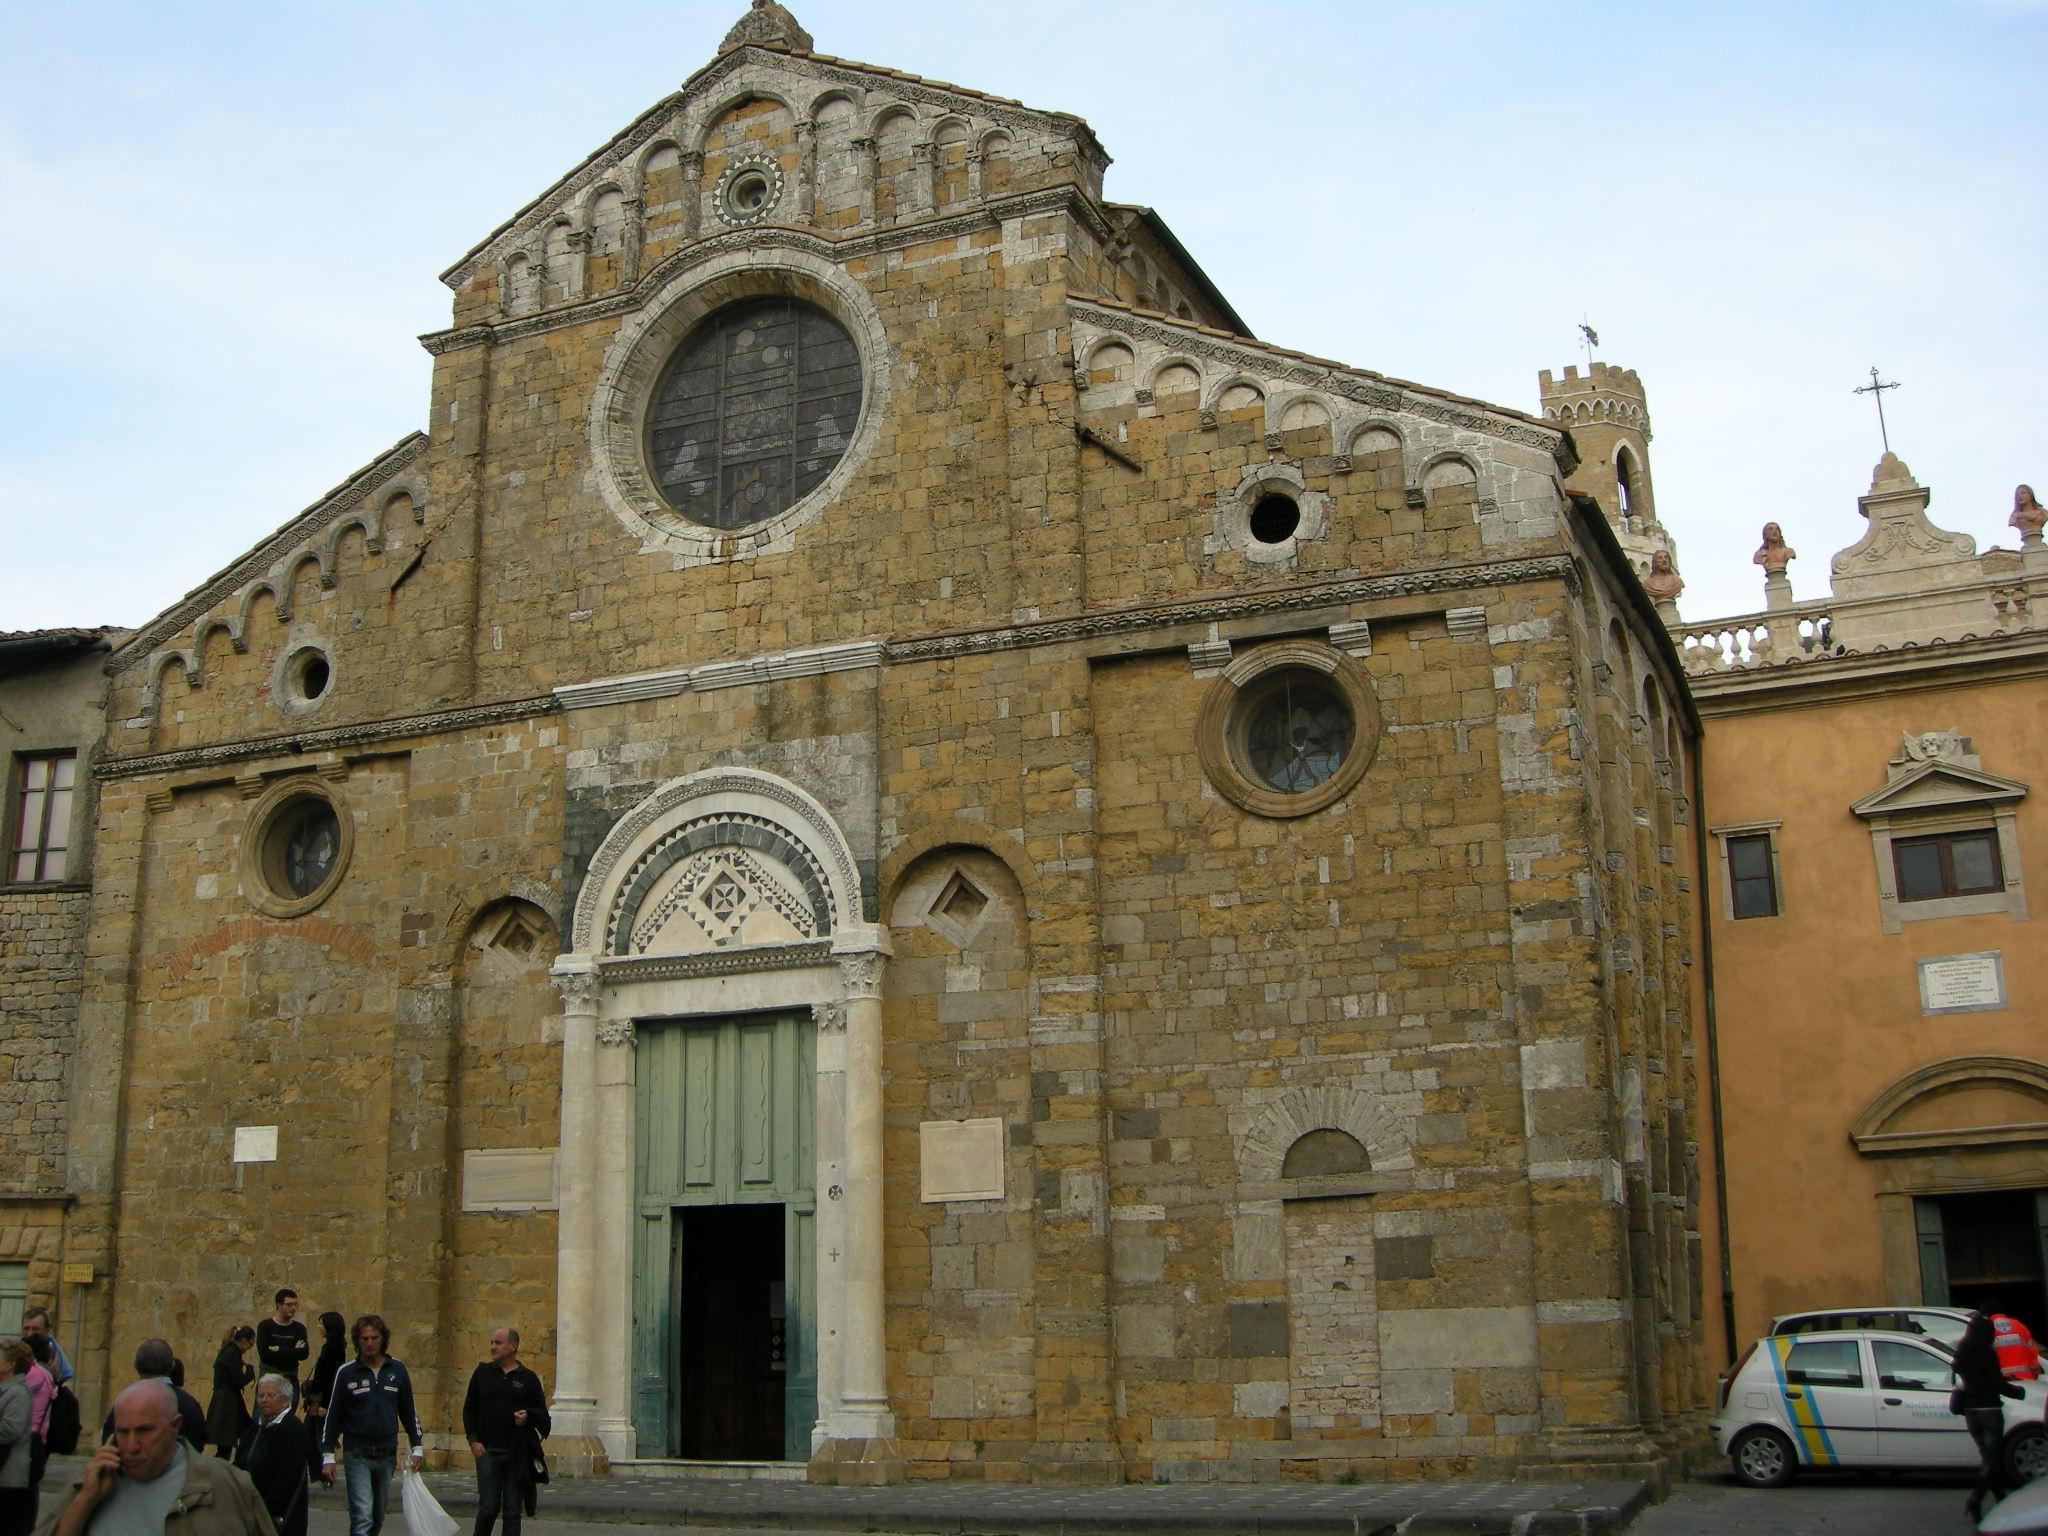 File:Duomo di volterra, esterno.JPG - Wikimedia Commons